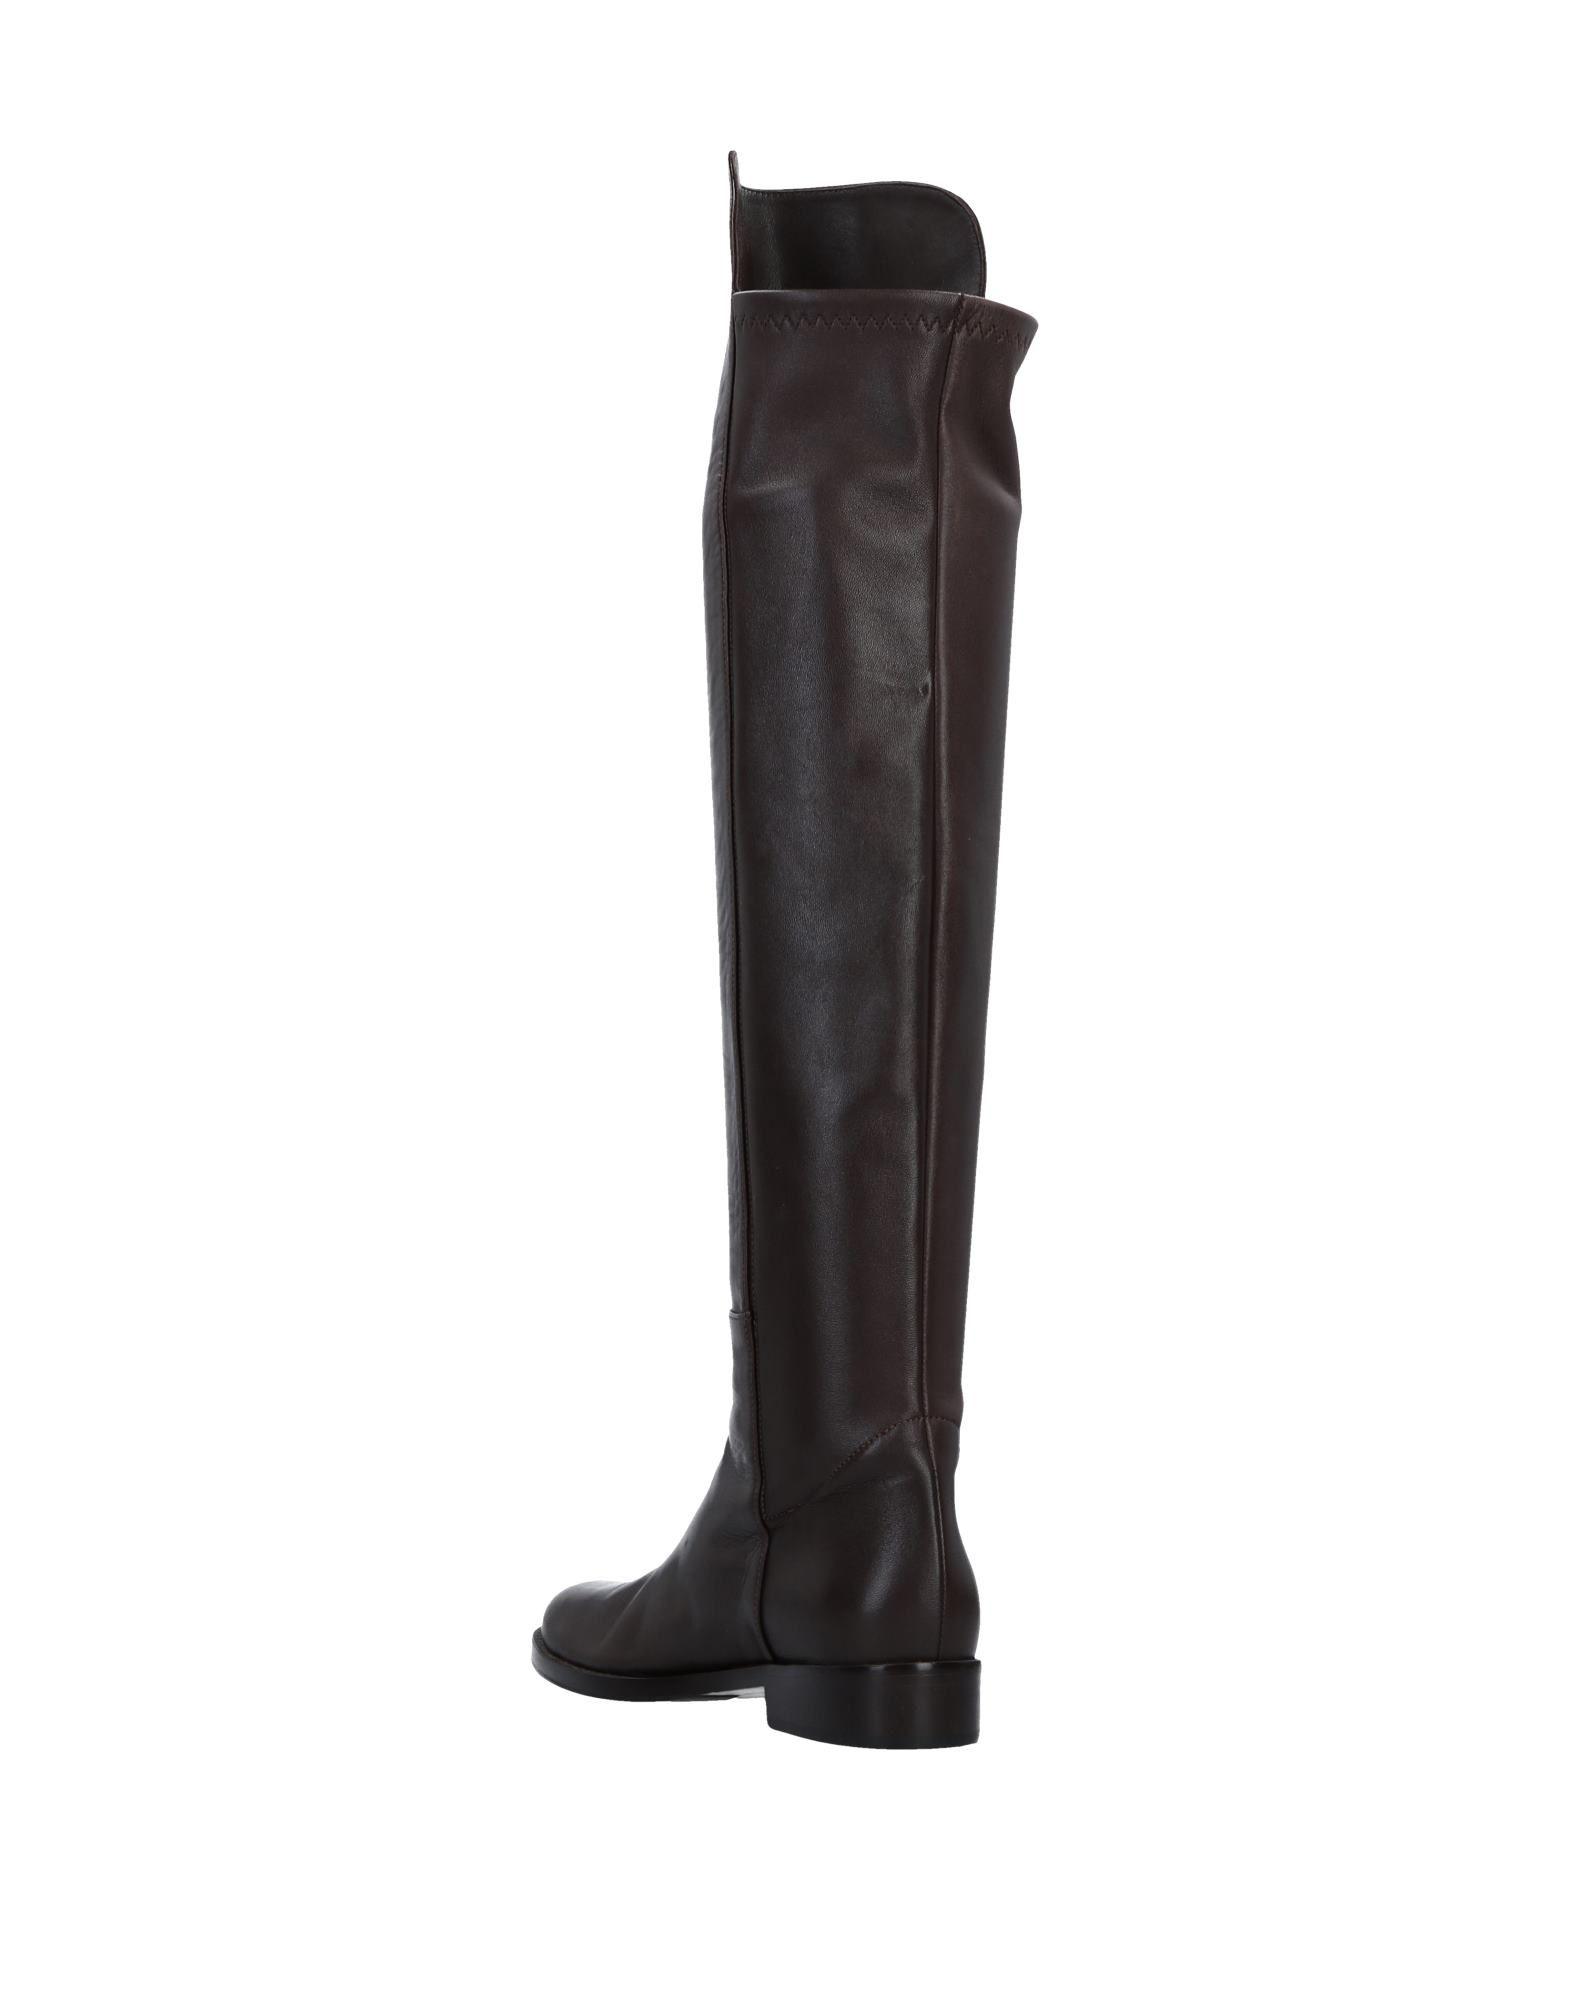 Rabatt Schuhe F.Lli 11518739WT Bruglia Stiefel Damen  11518739WT F.Lli e4d52f